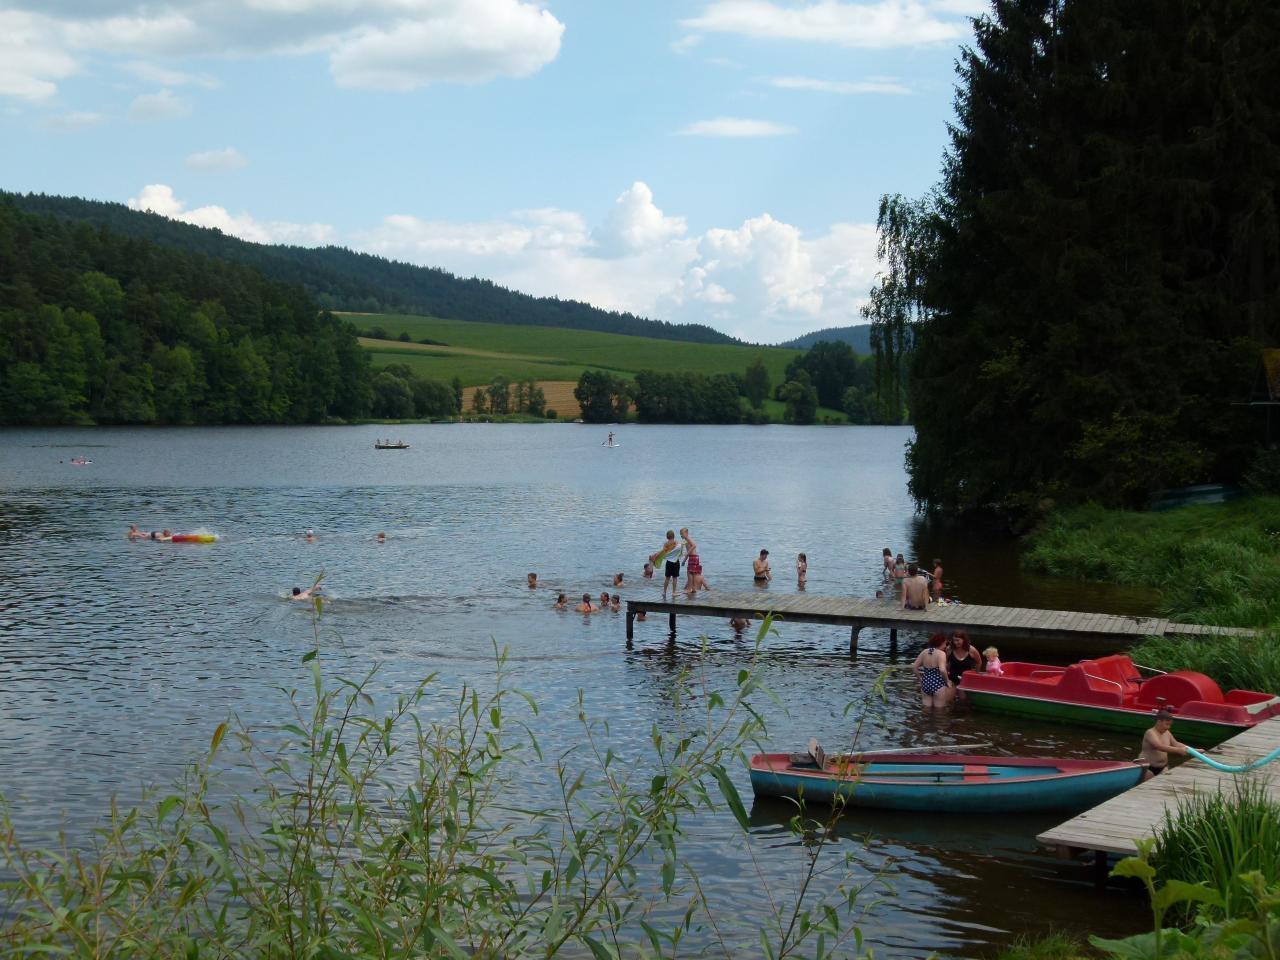 Ferienwohnung in Blaibach 2 (119098), Blaibach, Bayerischer Wald, Bayern, Deutschland, Bild 16